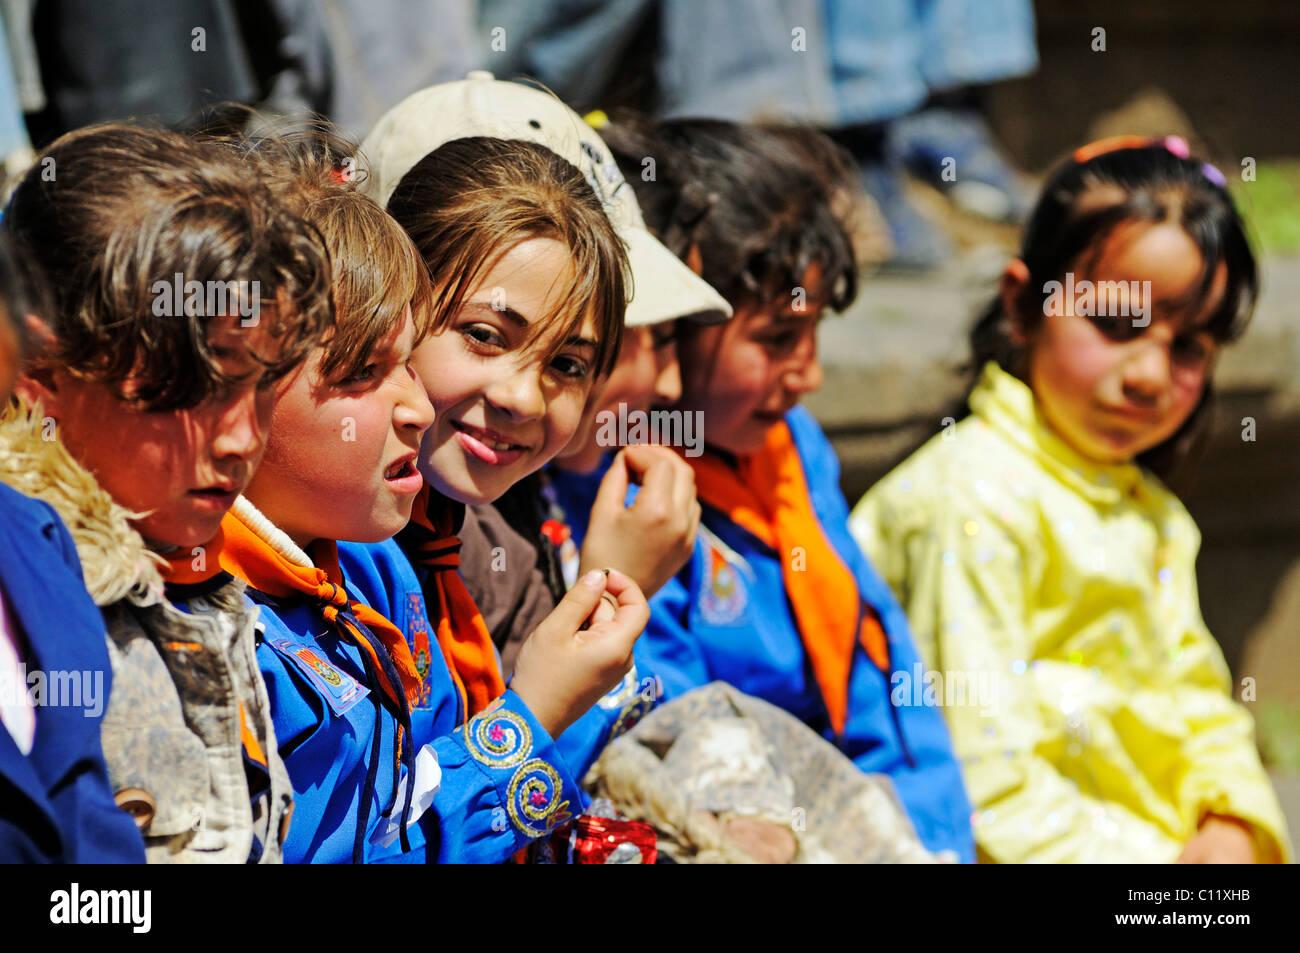 Children in school uniforms, Roman theater in Bosra, Syria, Asia - Stock Image